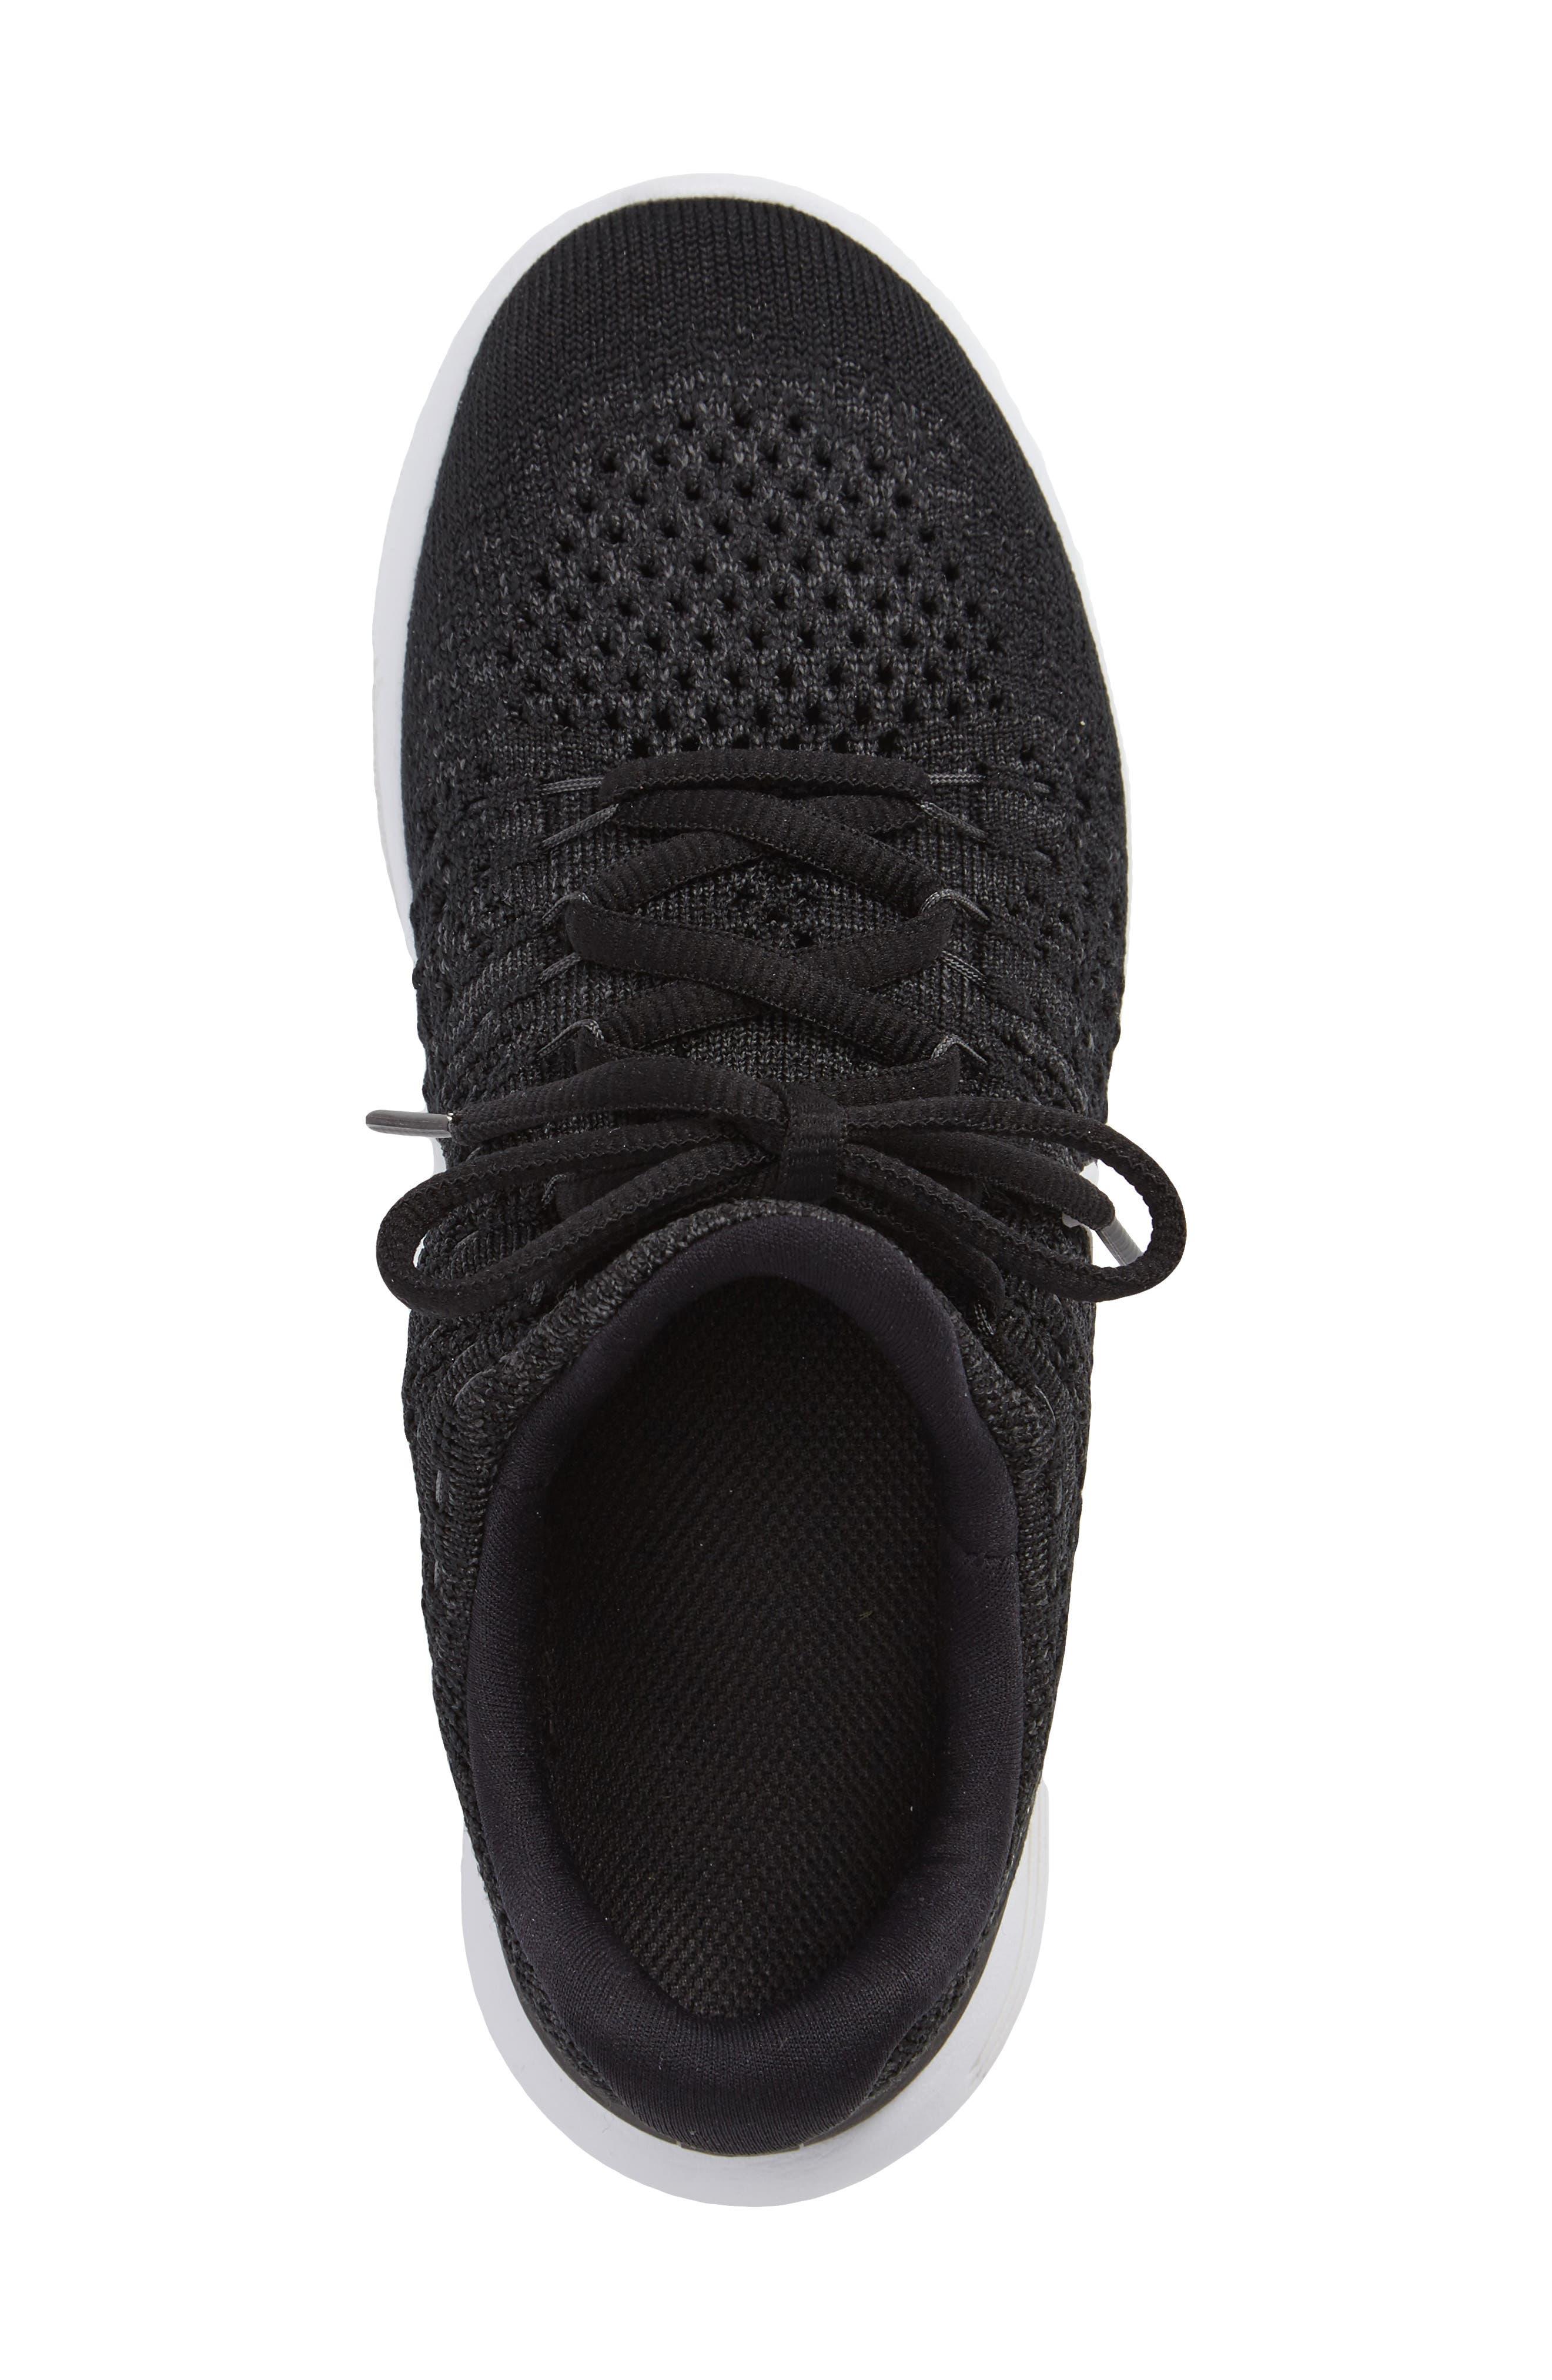 Alternate Image 3  - Nike Flyknit LunarEpic Sneaker (Big Kid) (Regular Retail Price: $115.00)